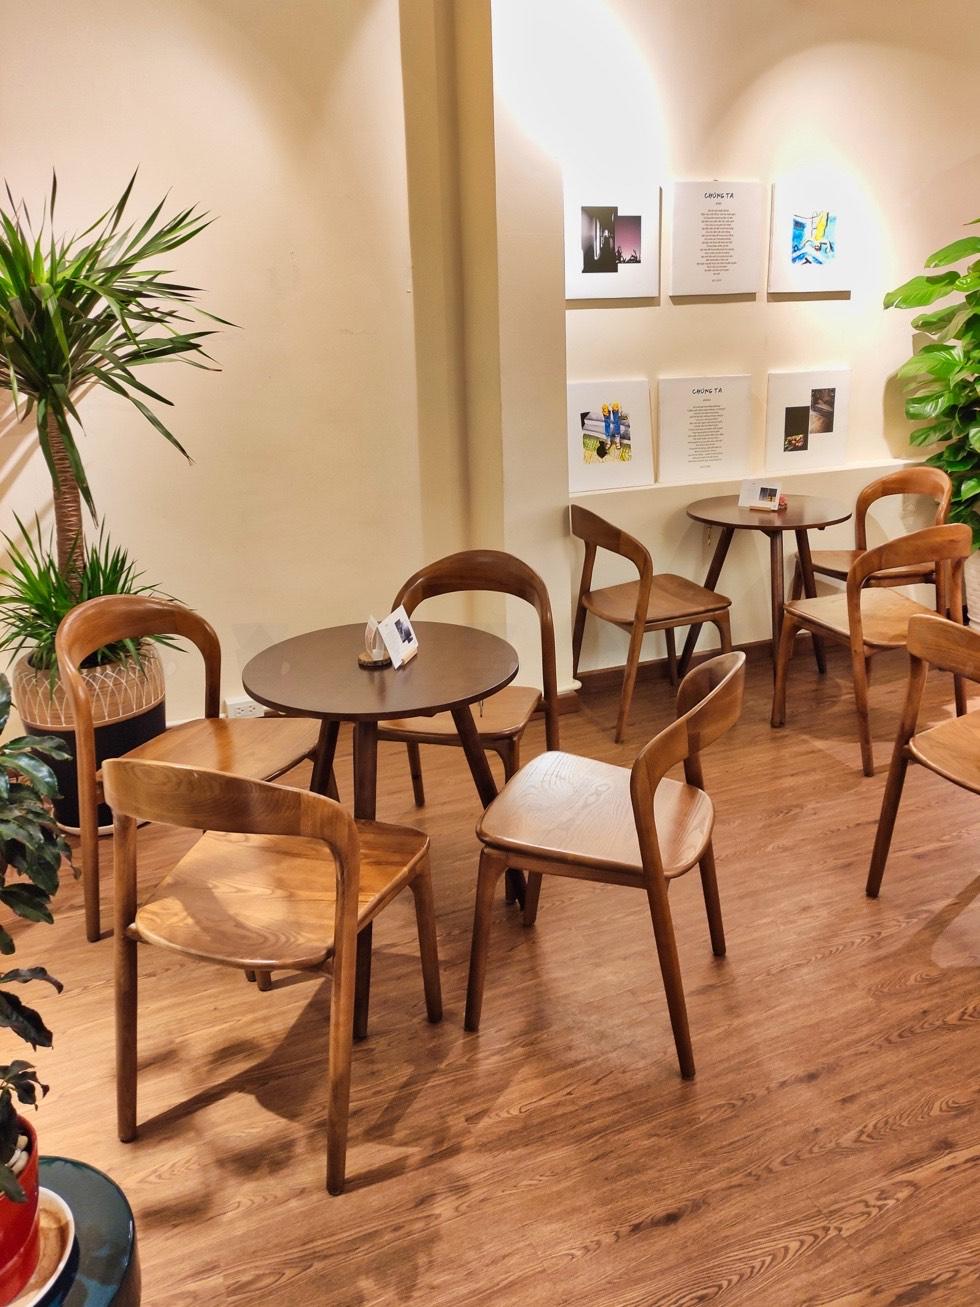 Hôm Nay Cafe Seating